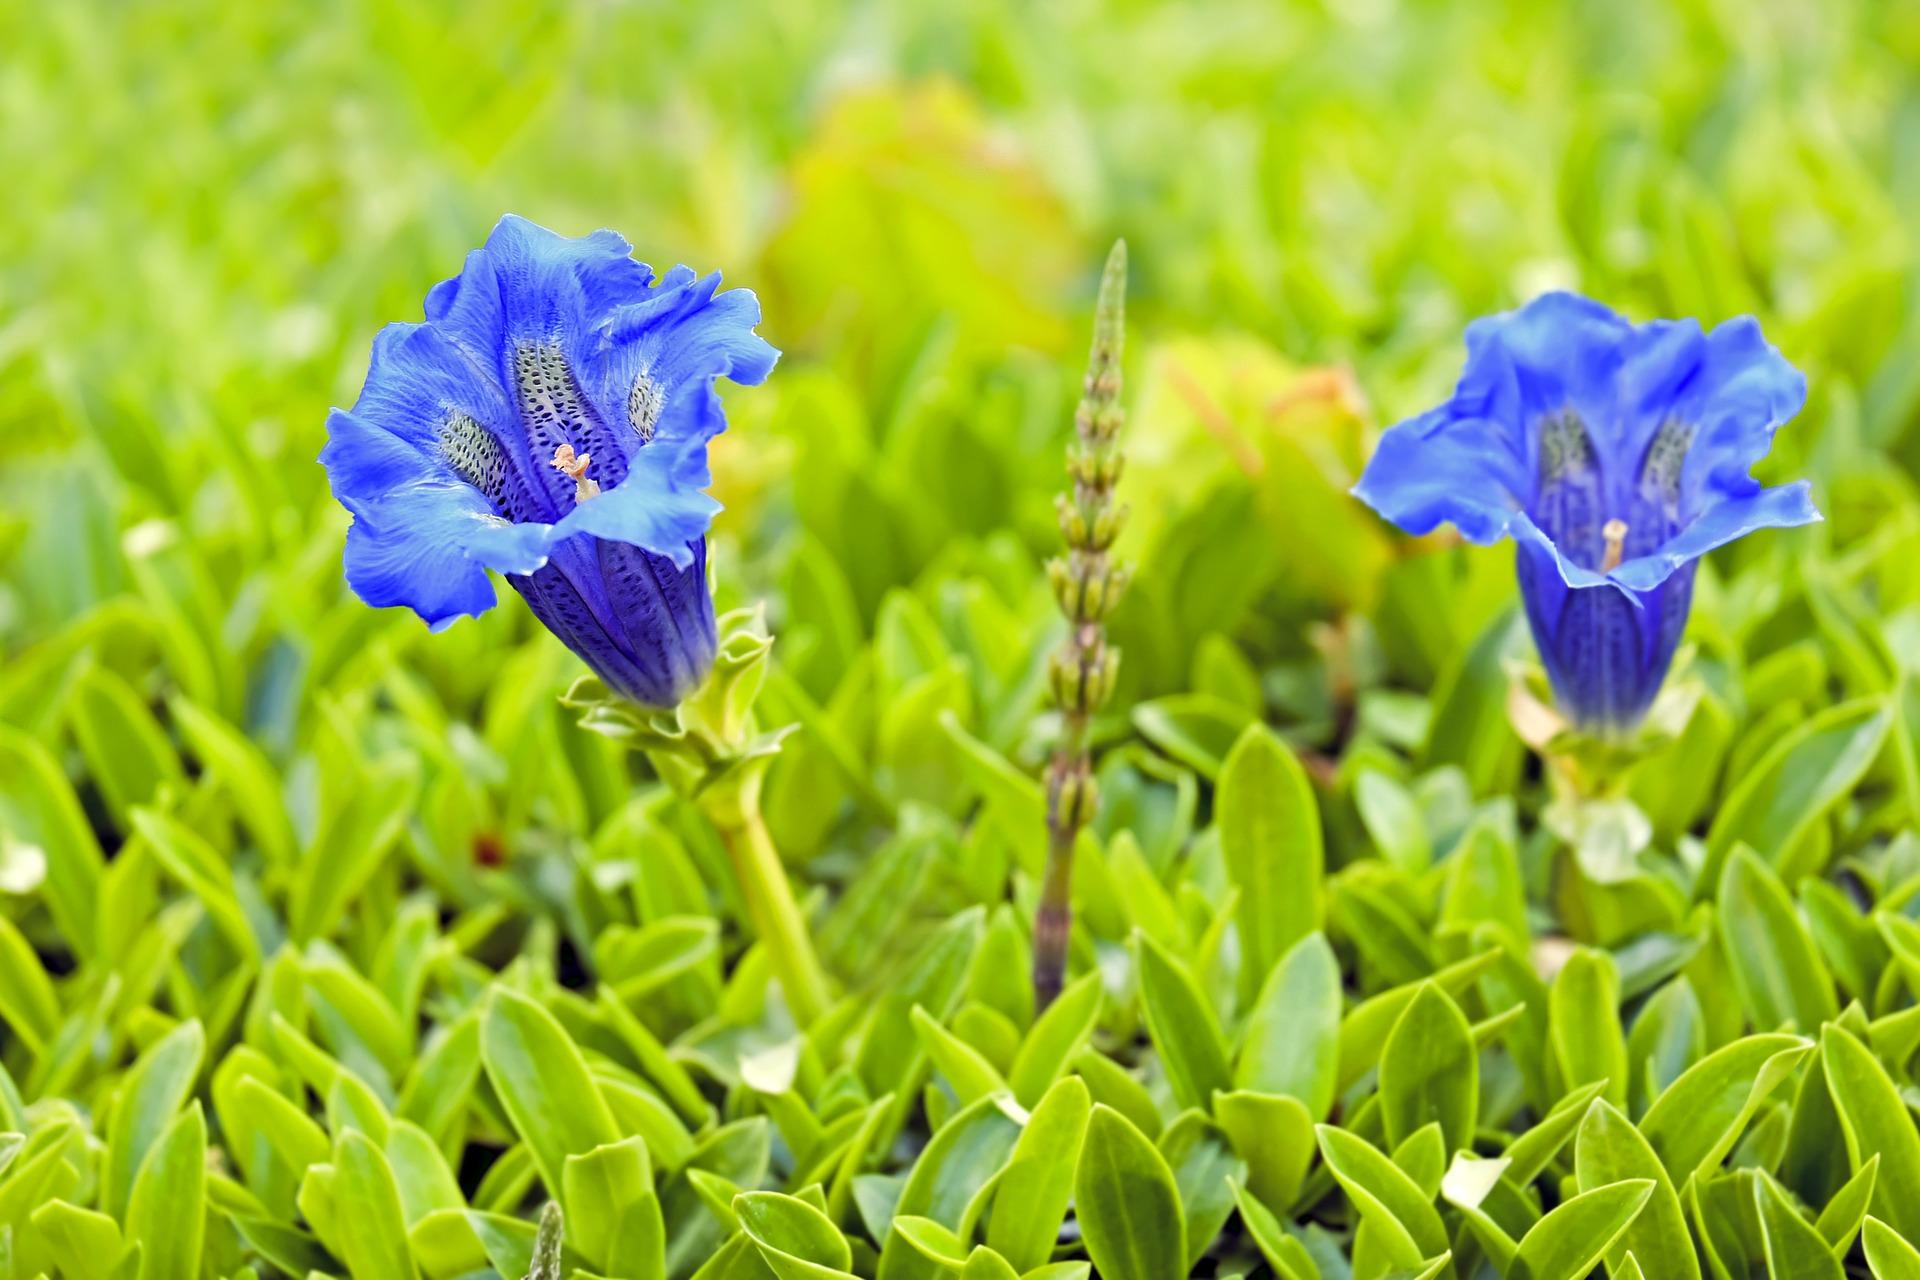 Image parIlona Frey de Pixabay gentian 2252350 1920 - Se soigner par les plantes